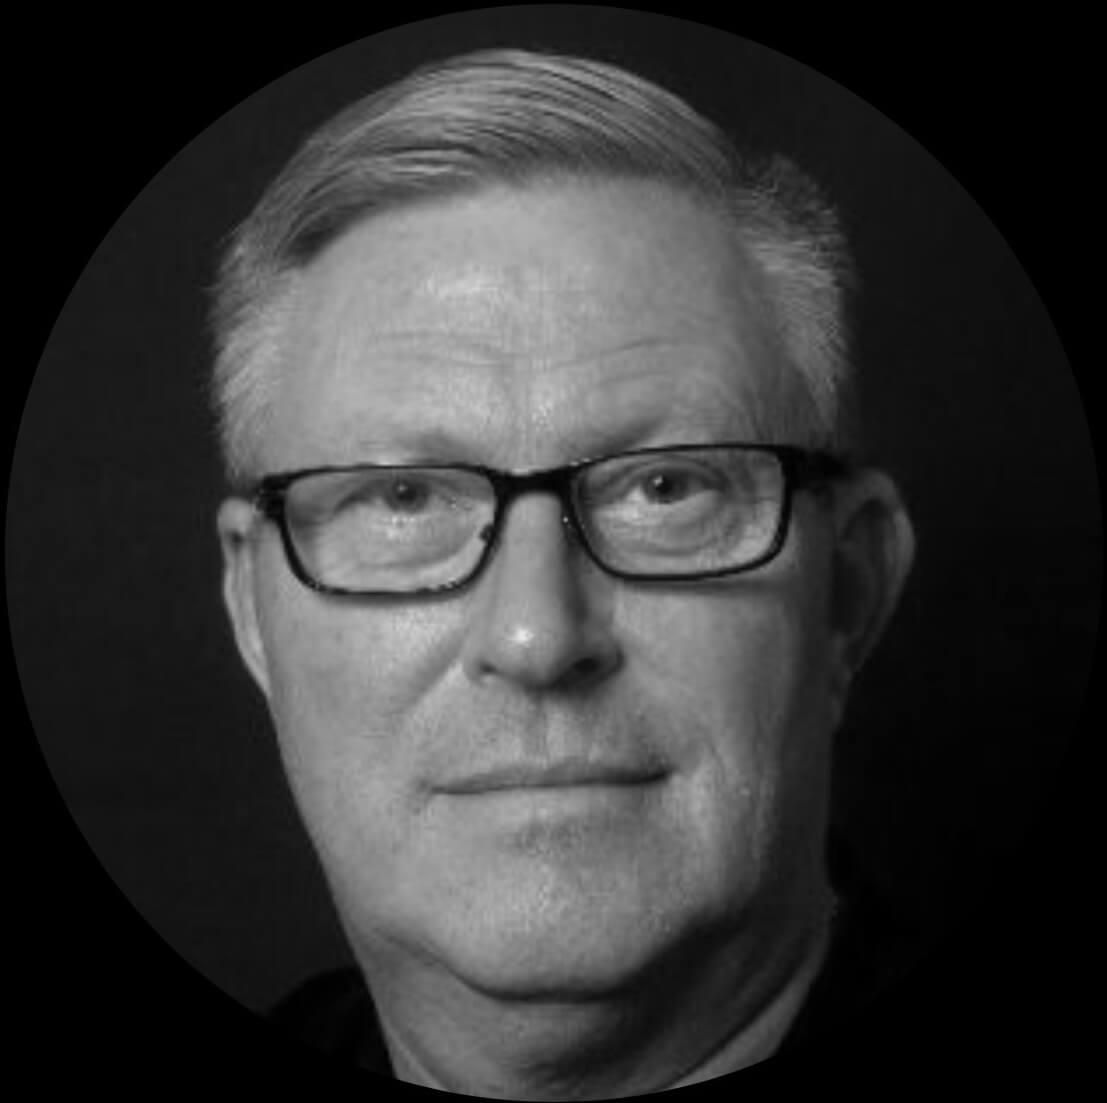 Svend Erik Nørklit